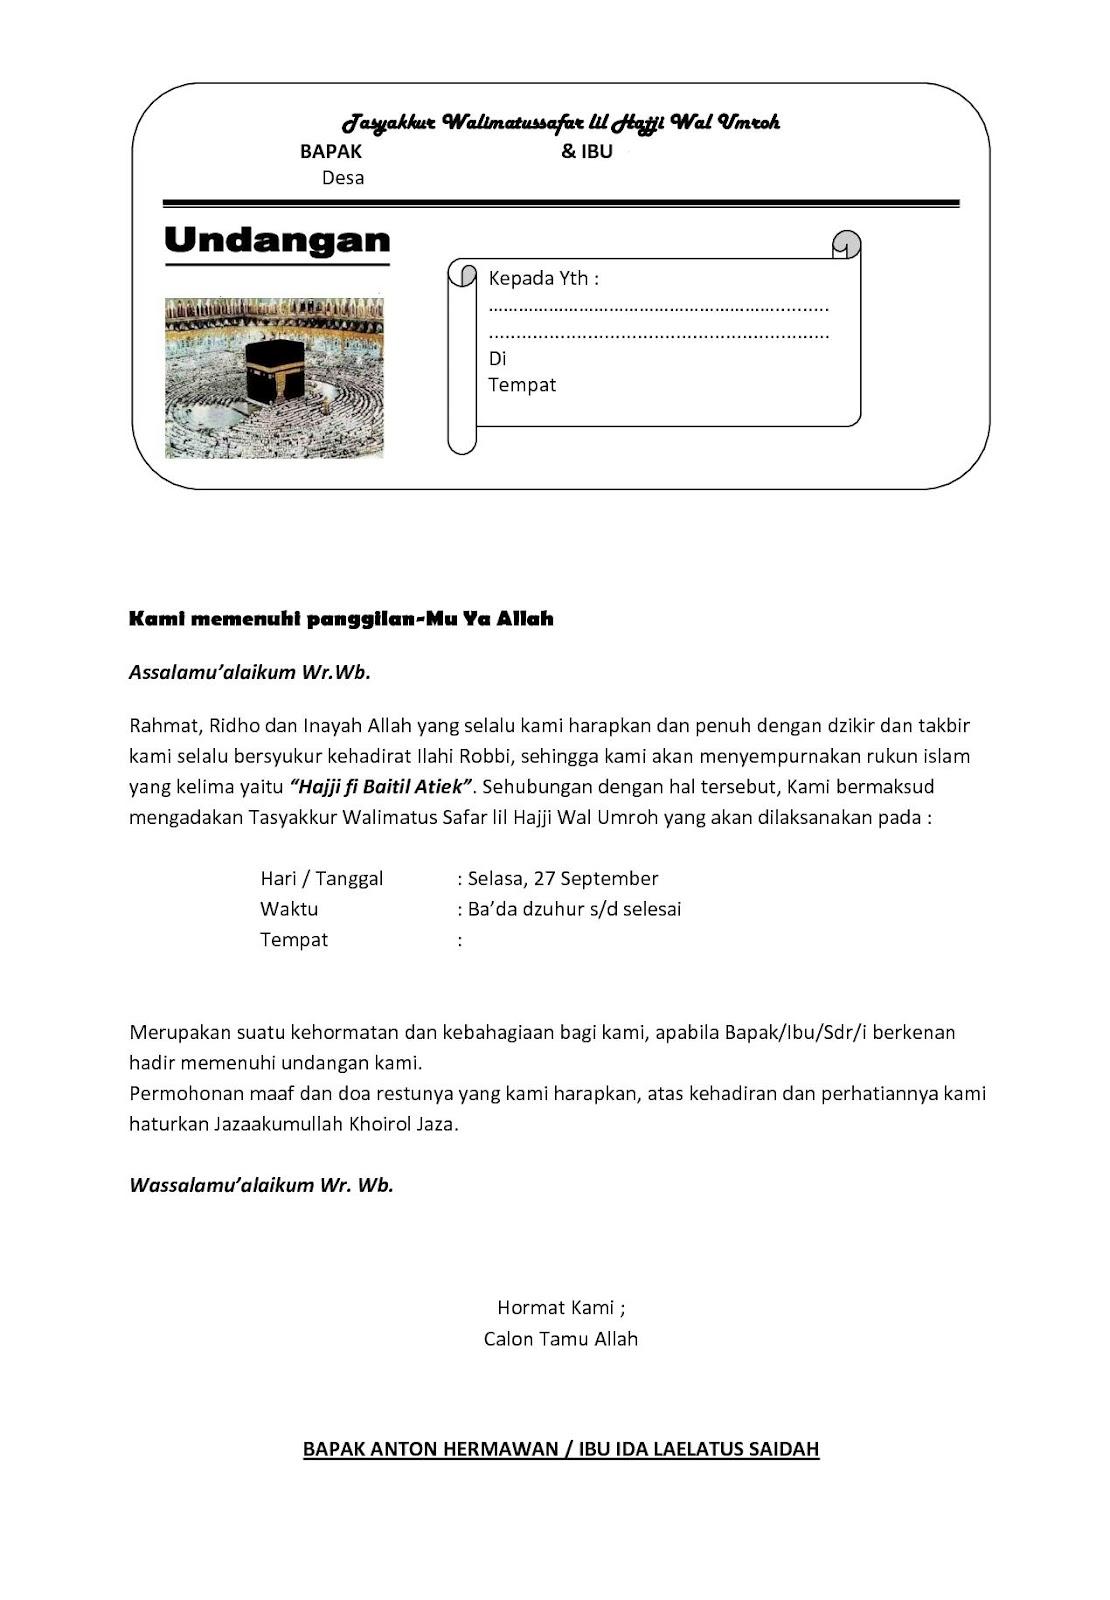 Berikut ini contoh undangan walimatussafar yang bisa anda gunakan: